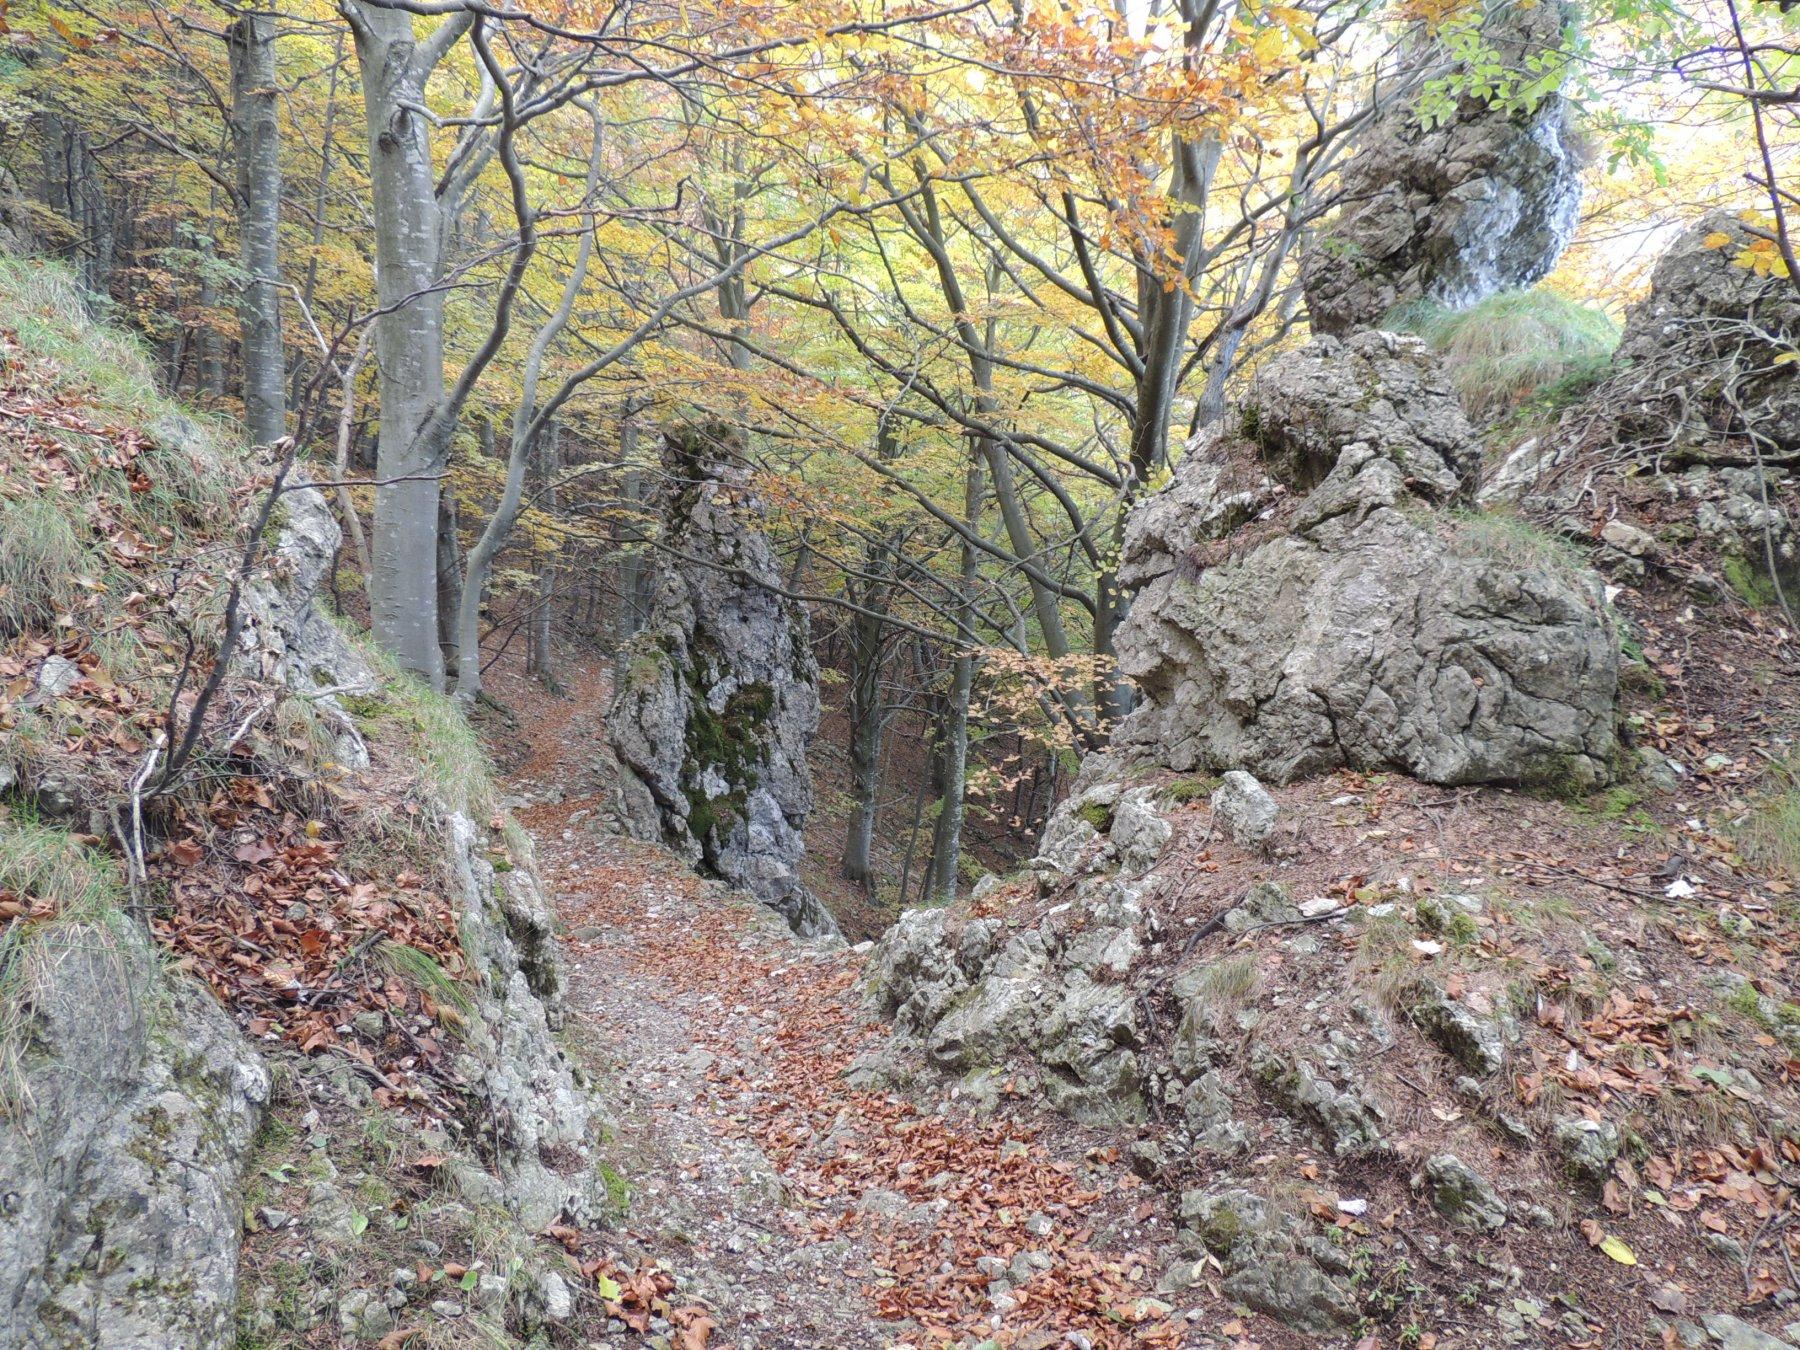 sculture rocciose nei pressi del passo Caranche